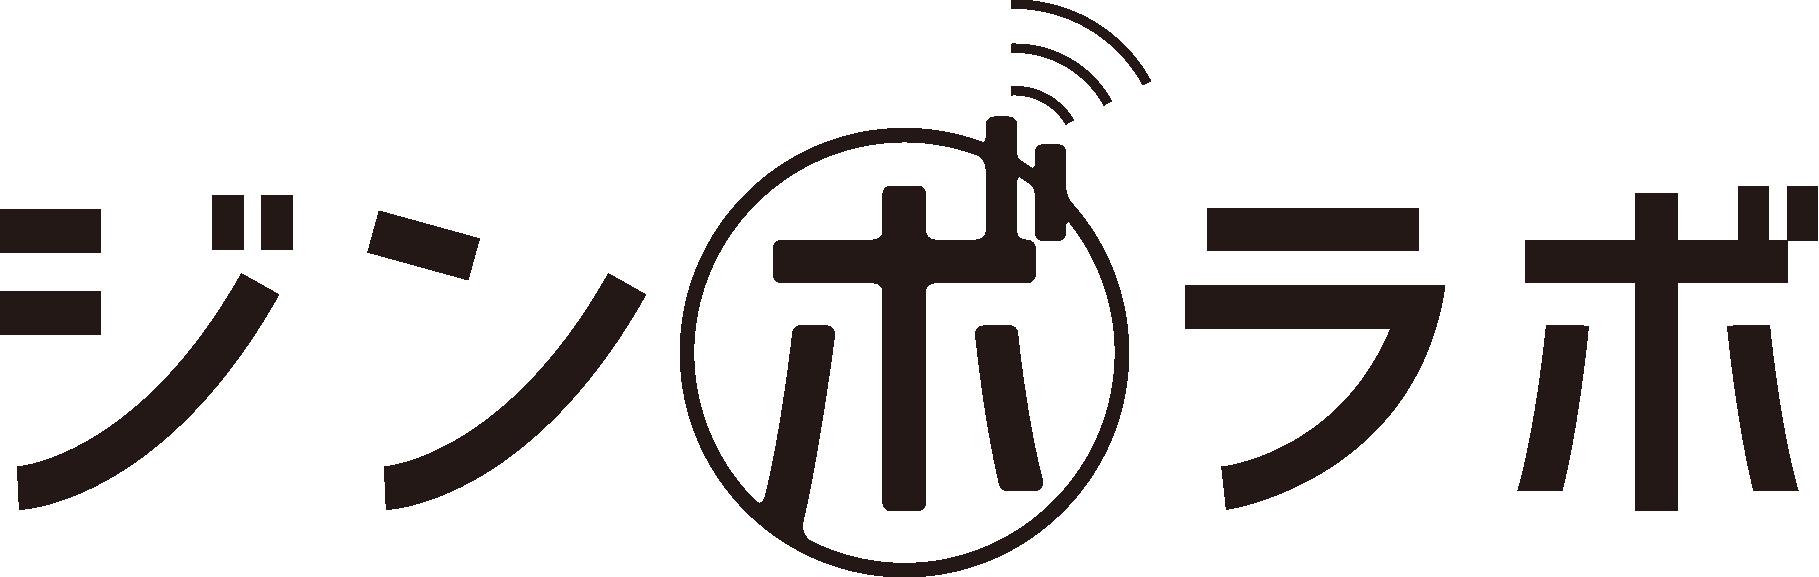 新潟県南魚沼市のグルメ・ラーメン・ランチ・カフェ ・居酒屋のことならジンボラボ